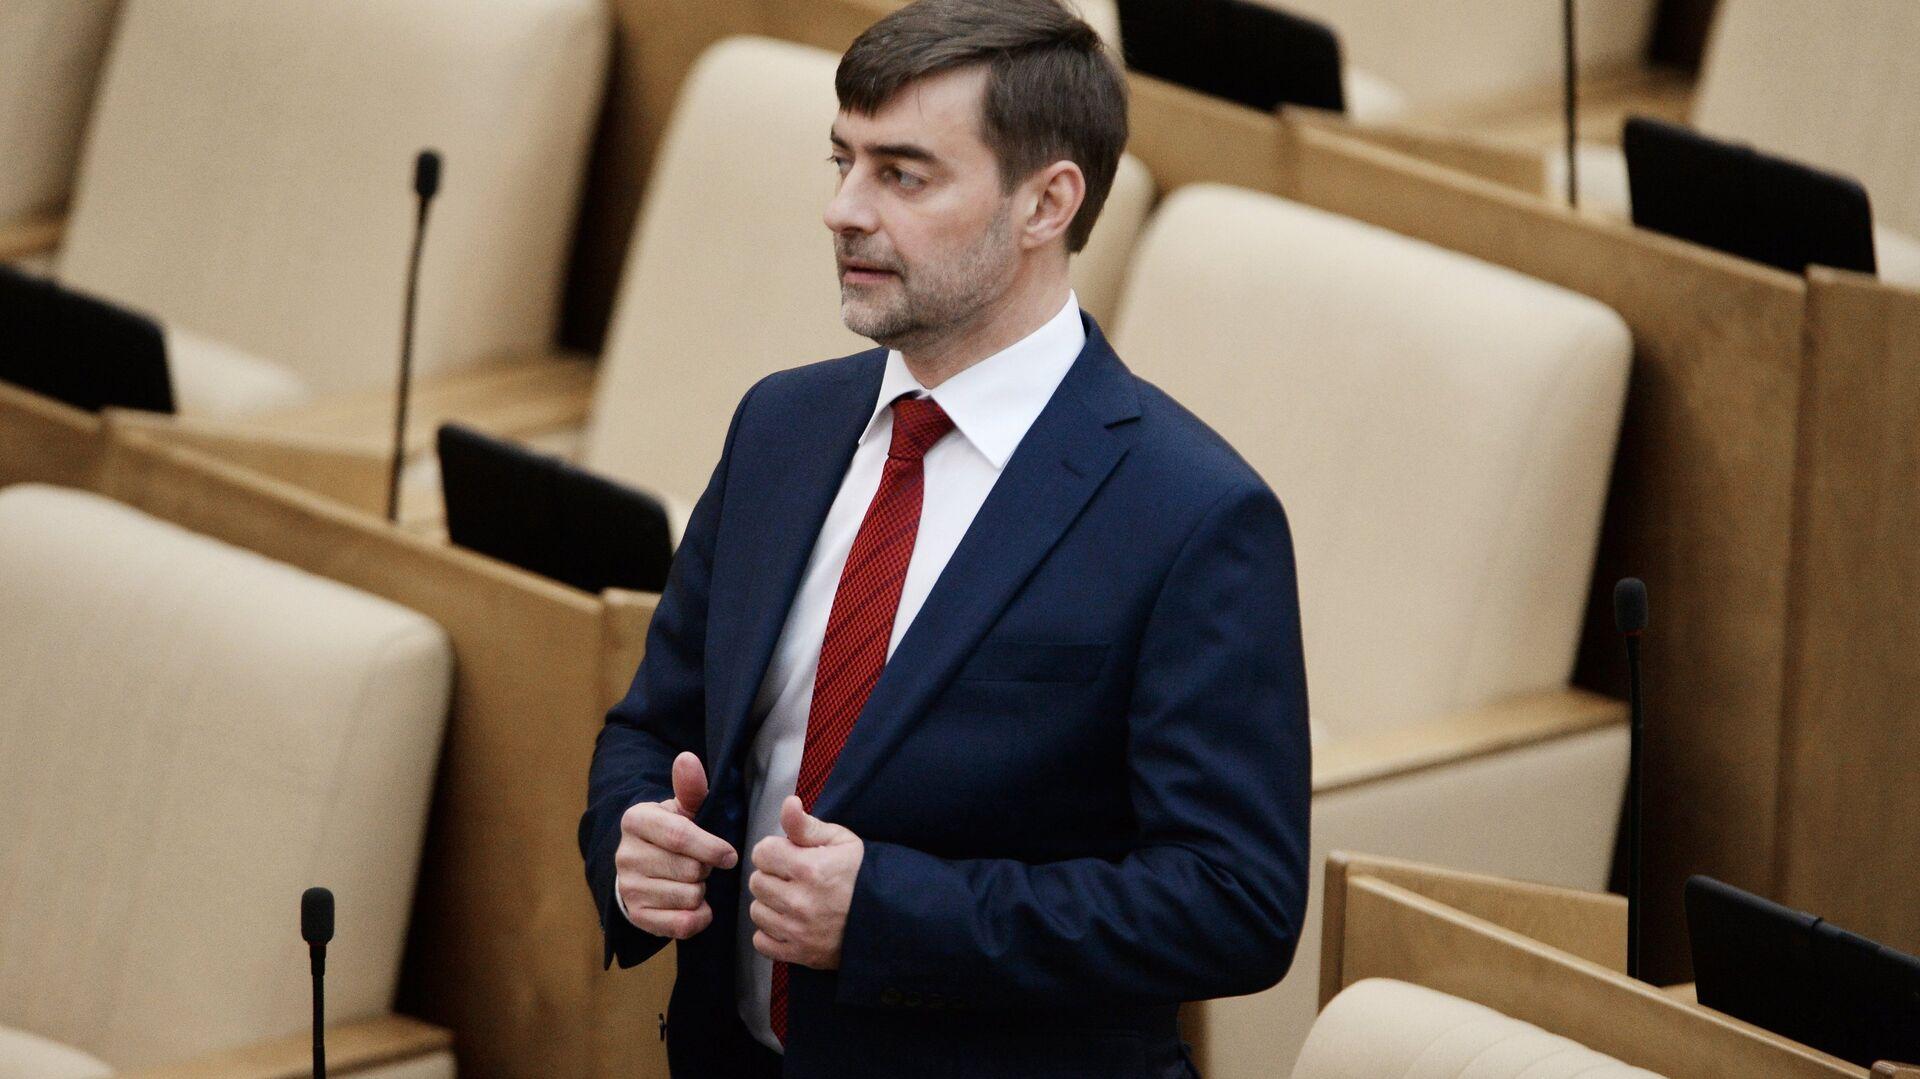 Депутат Госдумы Железняк прокомментировал отказ НАТО участвовать в конференции в Москве